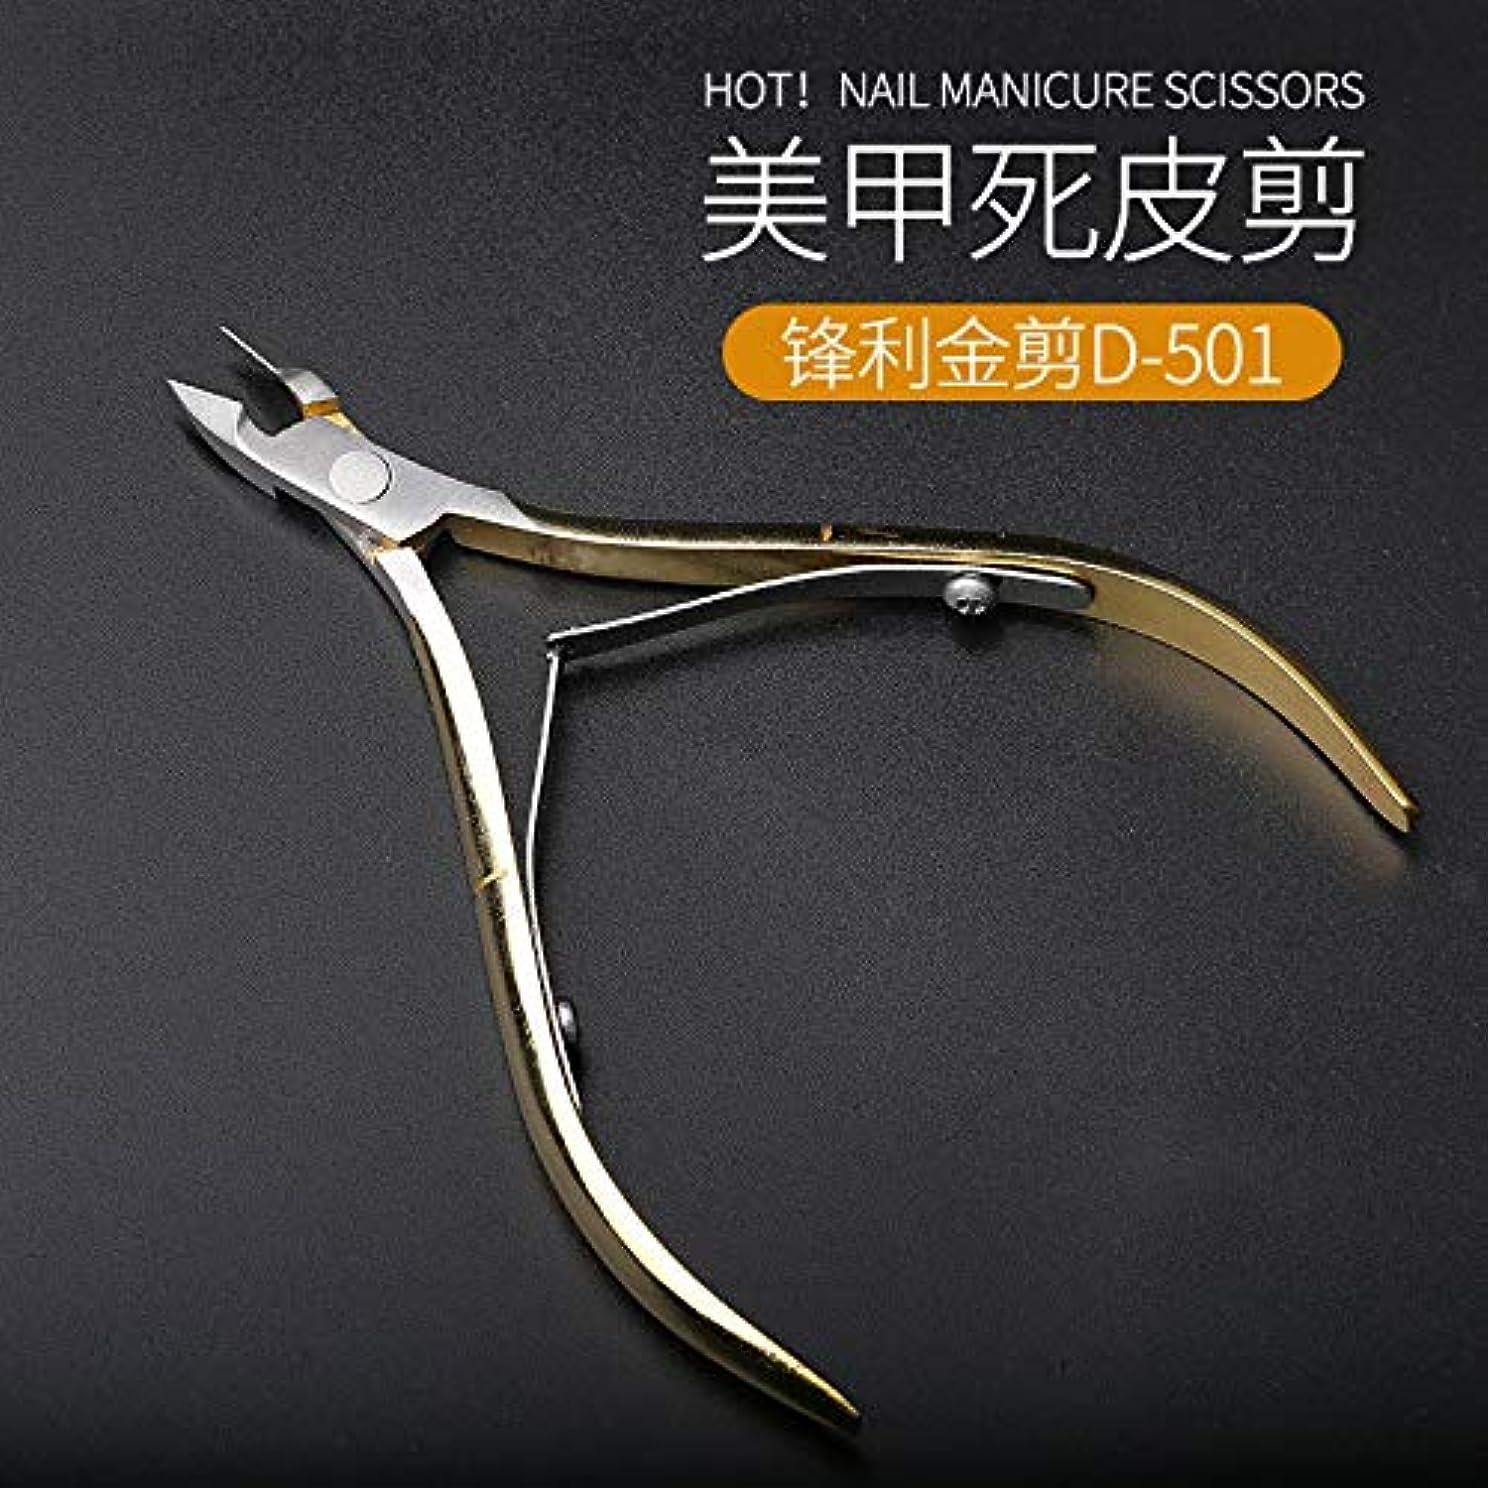 独占ファセットエゴマニアD501死んだ皮膚はさみネイル専門修理指爪はさみペンチつま先ネイルツールに死んだ皮膚有刺鉄線ネイルツール